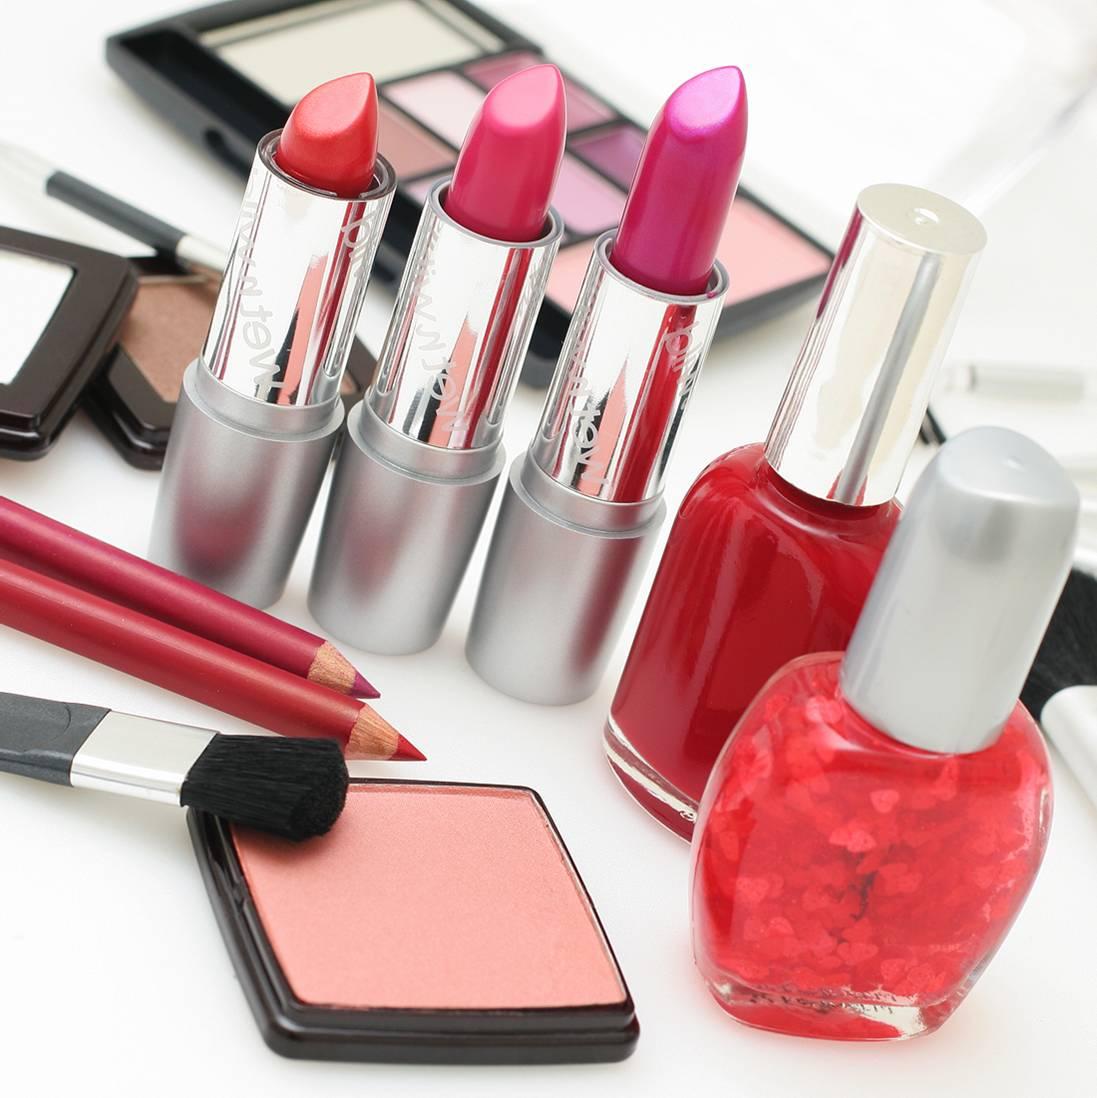 Líčenie – Trvanlivosť Kozmetických Výrobkov A Starostlivosť O štetce